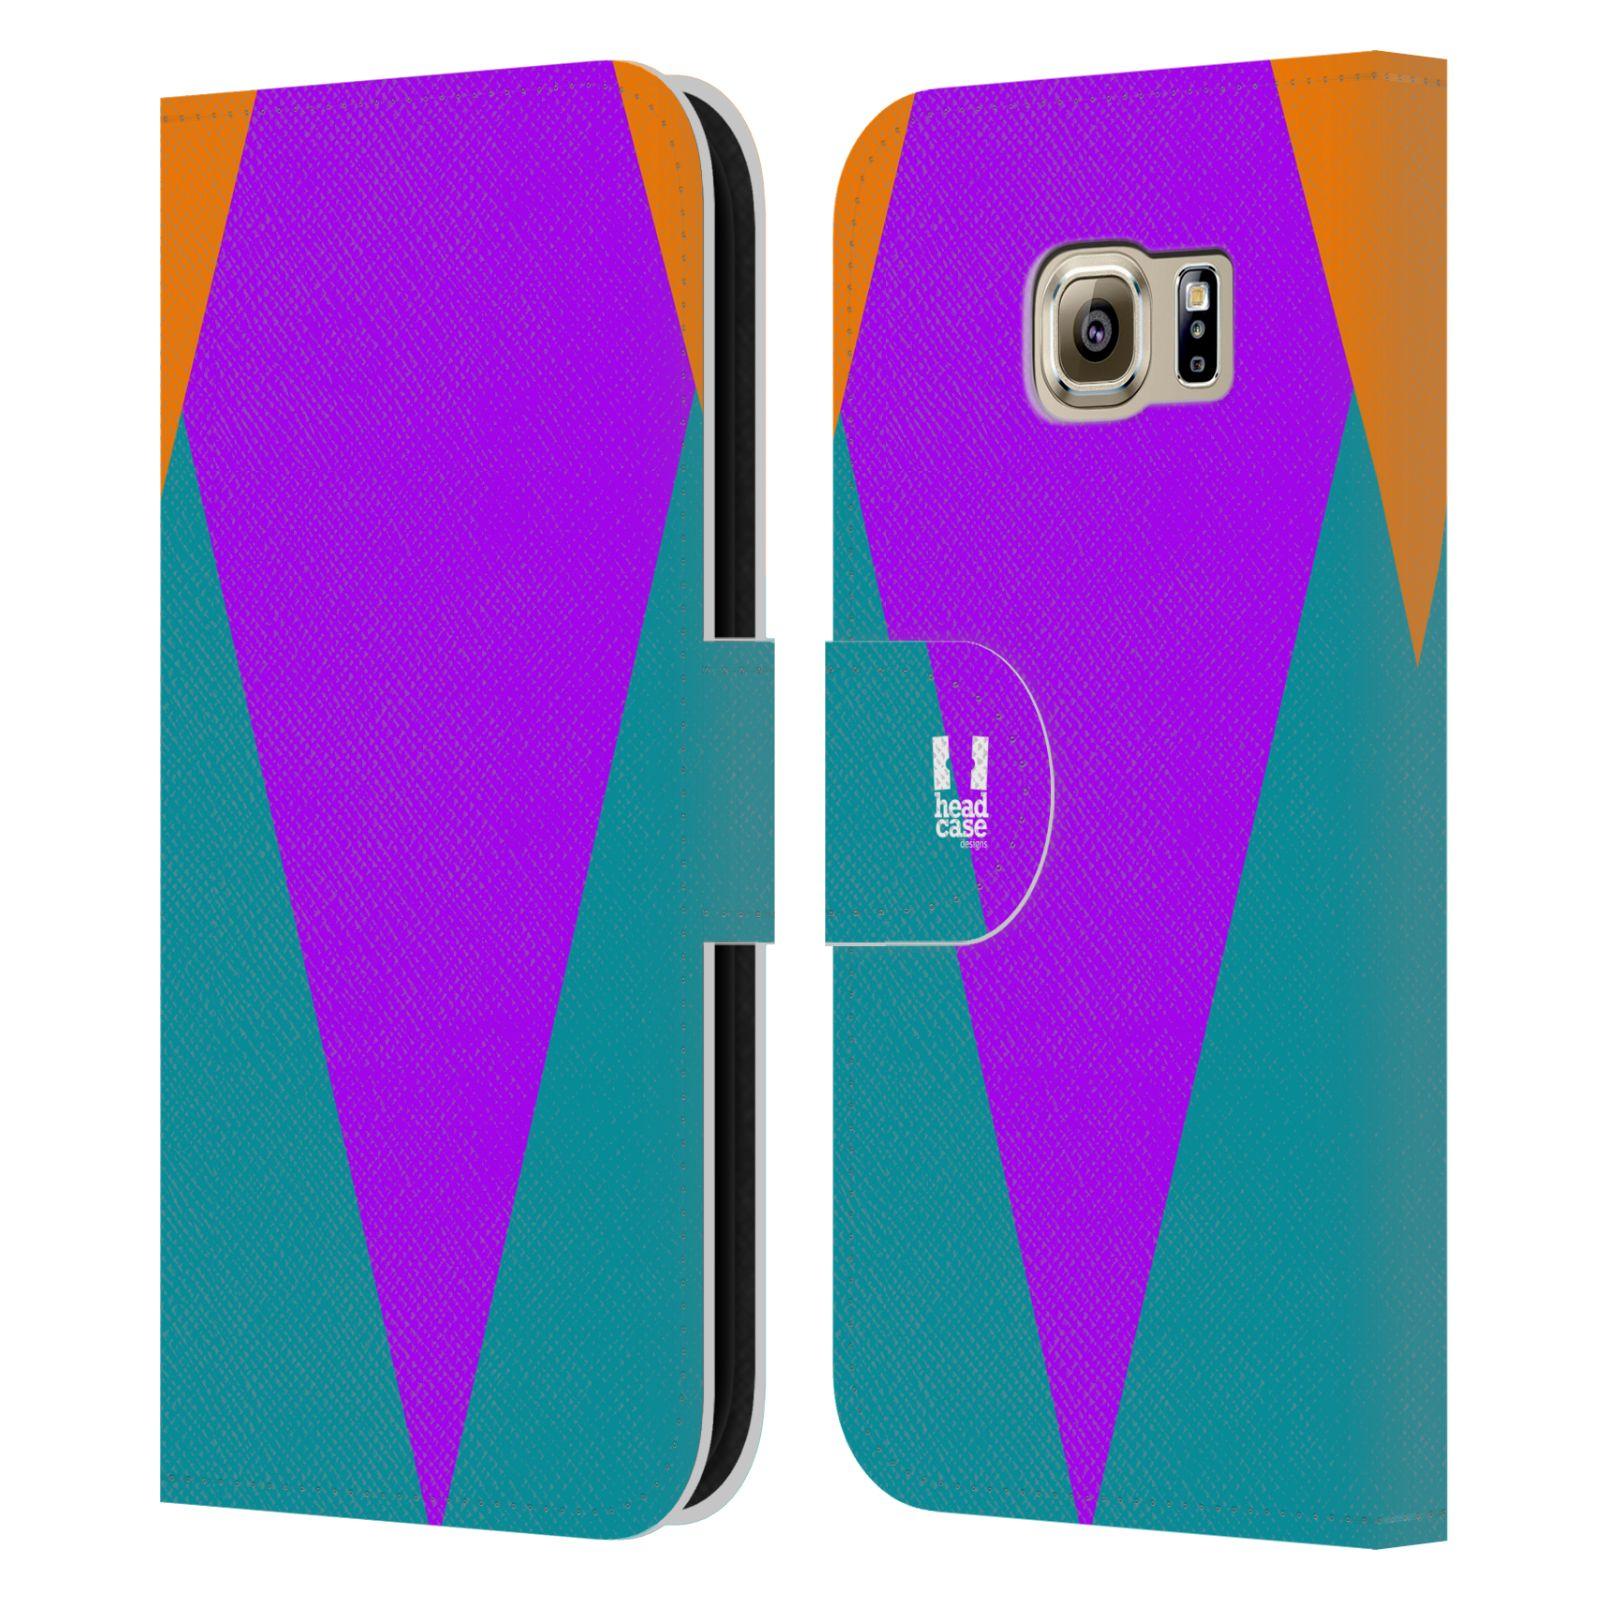 HEAD CASE Flipové pouzdro pro mobil Samsung Galaxy S6 barevné tvary šipka fialová